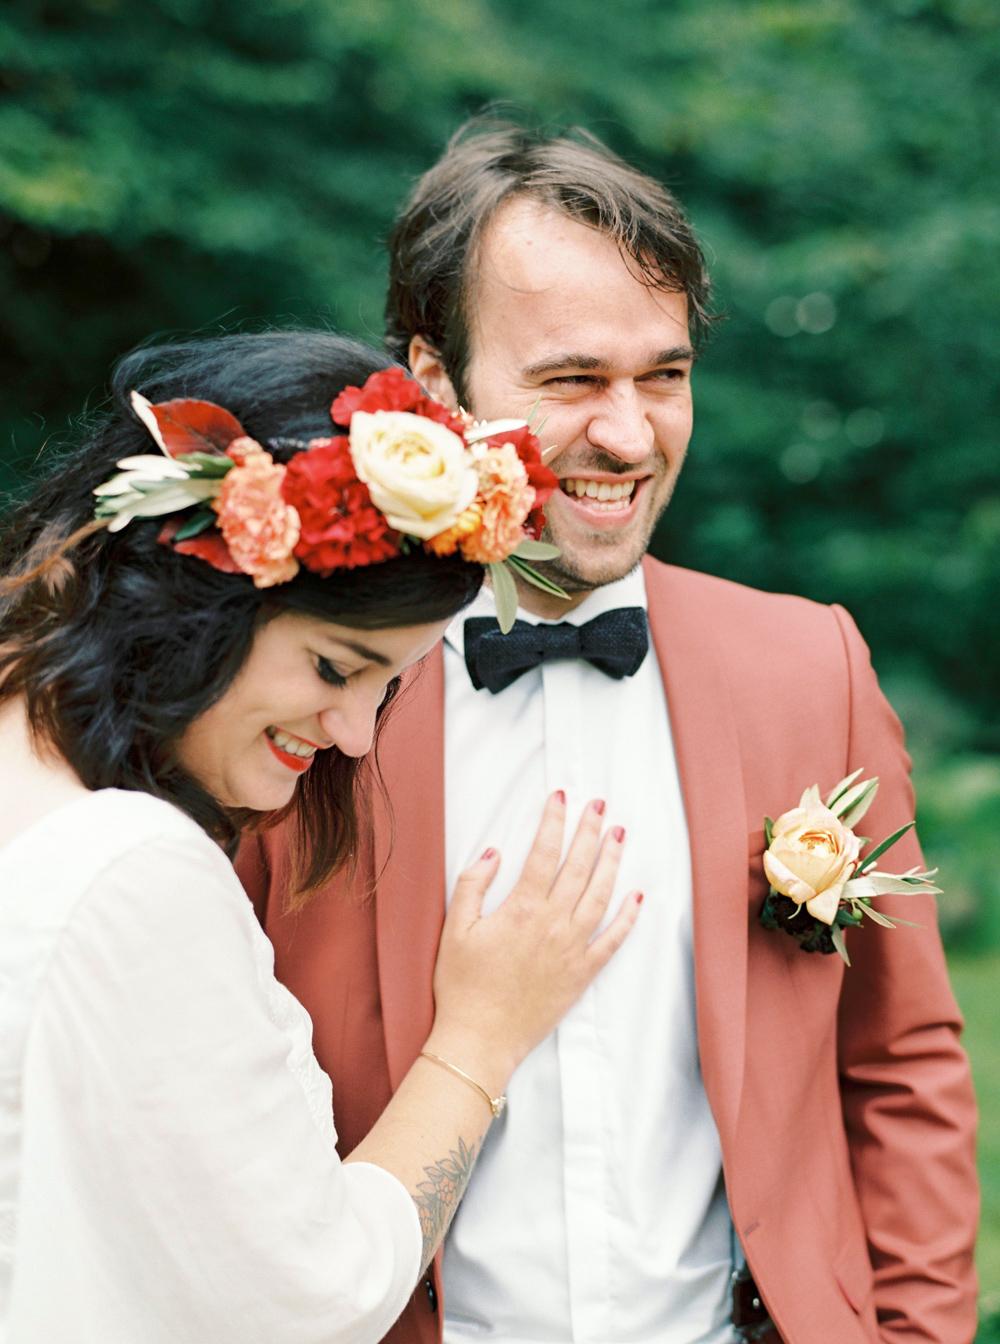 camp sol wedding weekend - wesley nulens-104.jpg